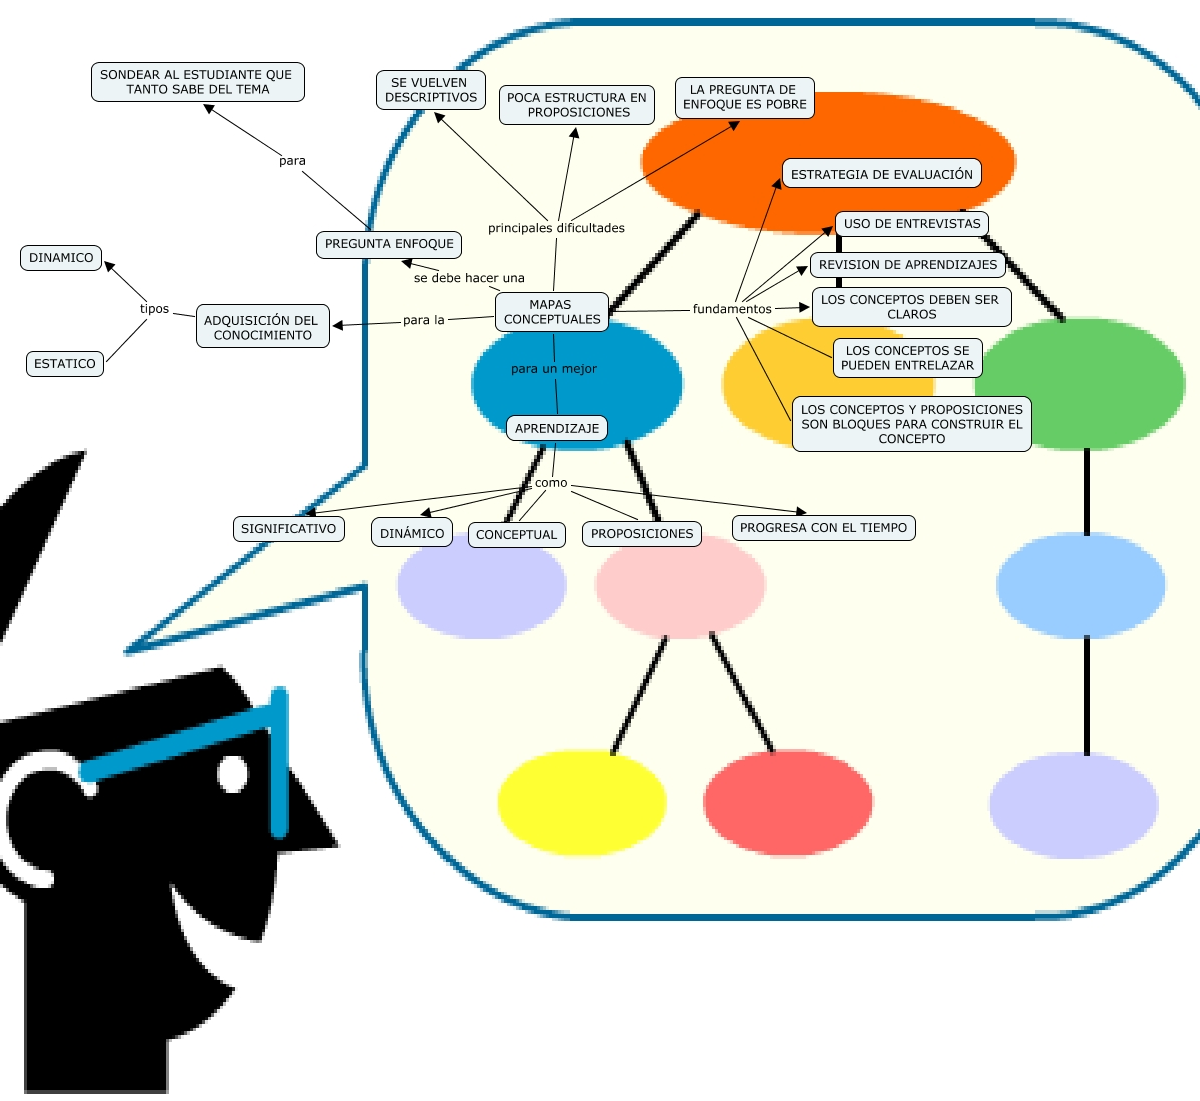 Breviario sobre la utilidad de los mapas conceptuales